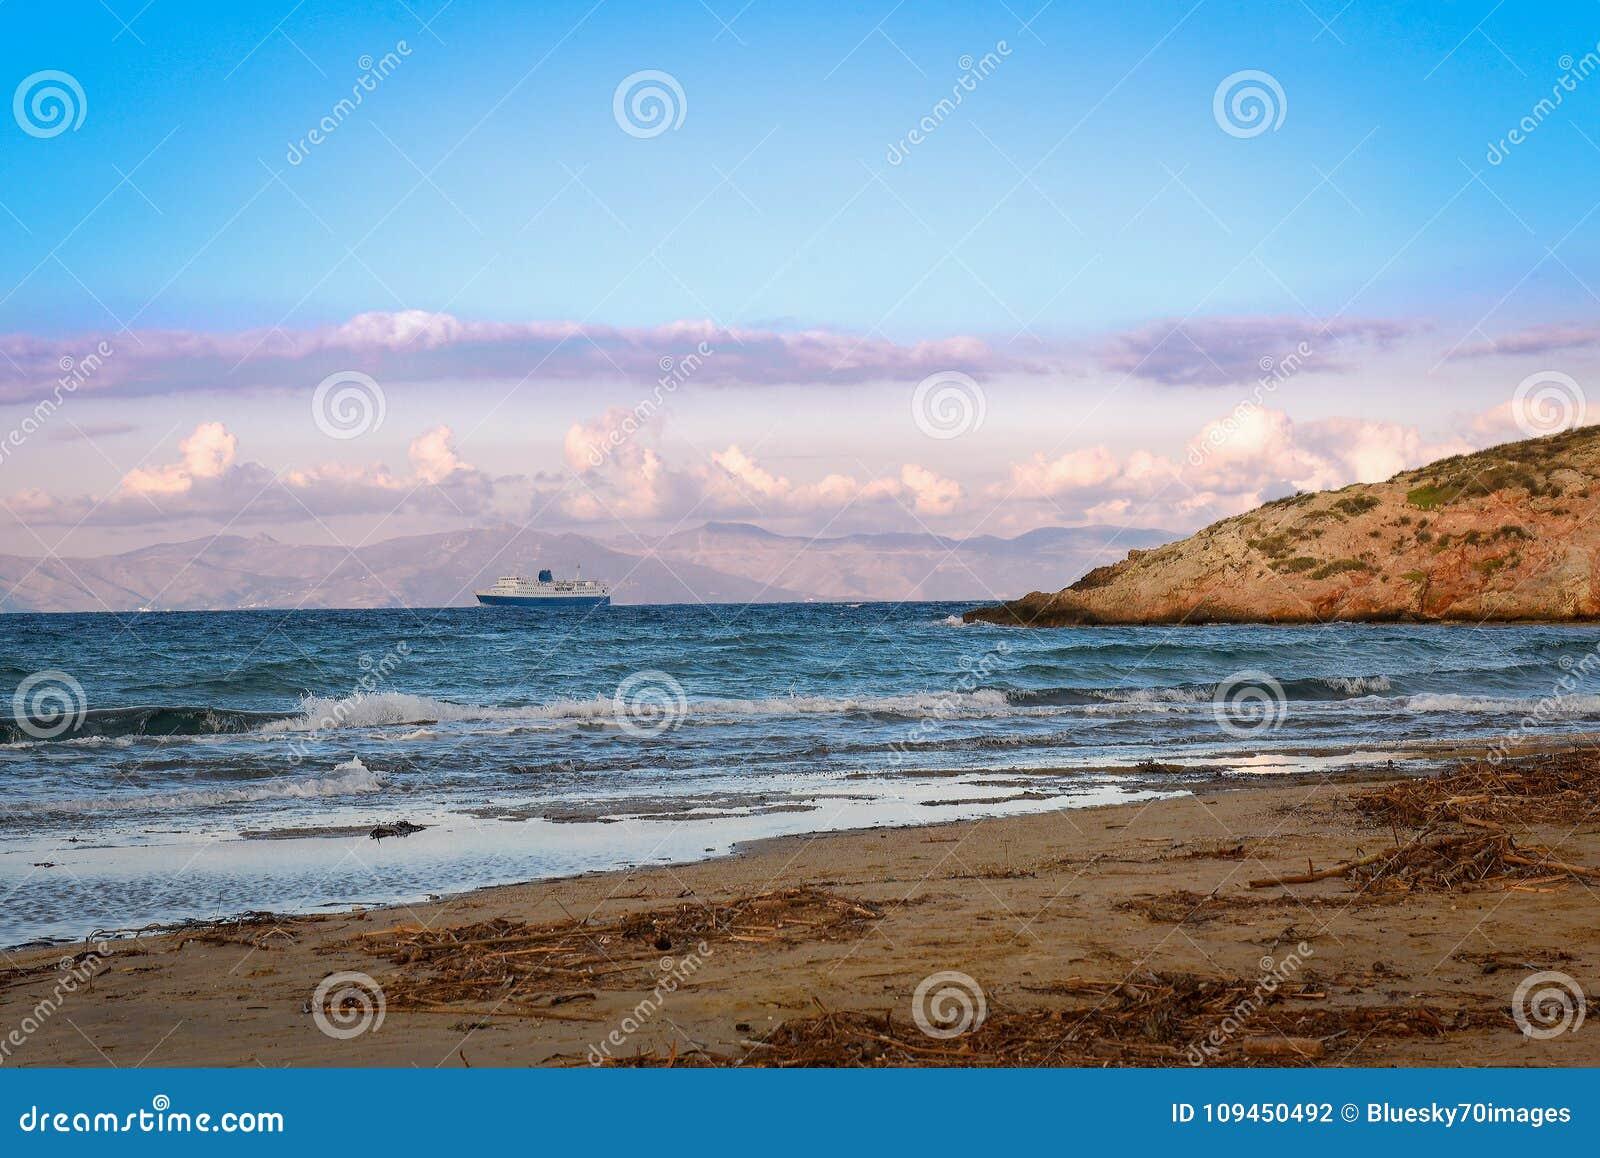 Большой сине-белый корабль парома выходя порт Rafina на зиму d